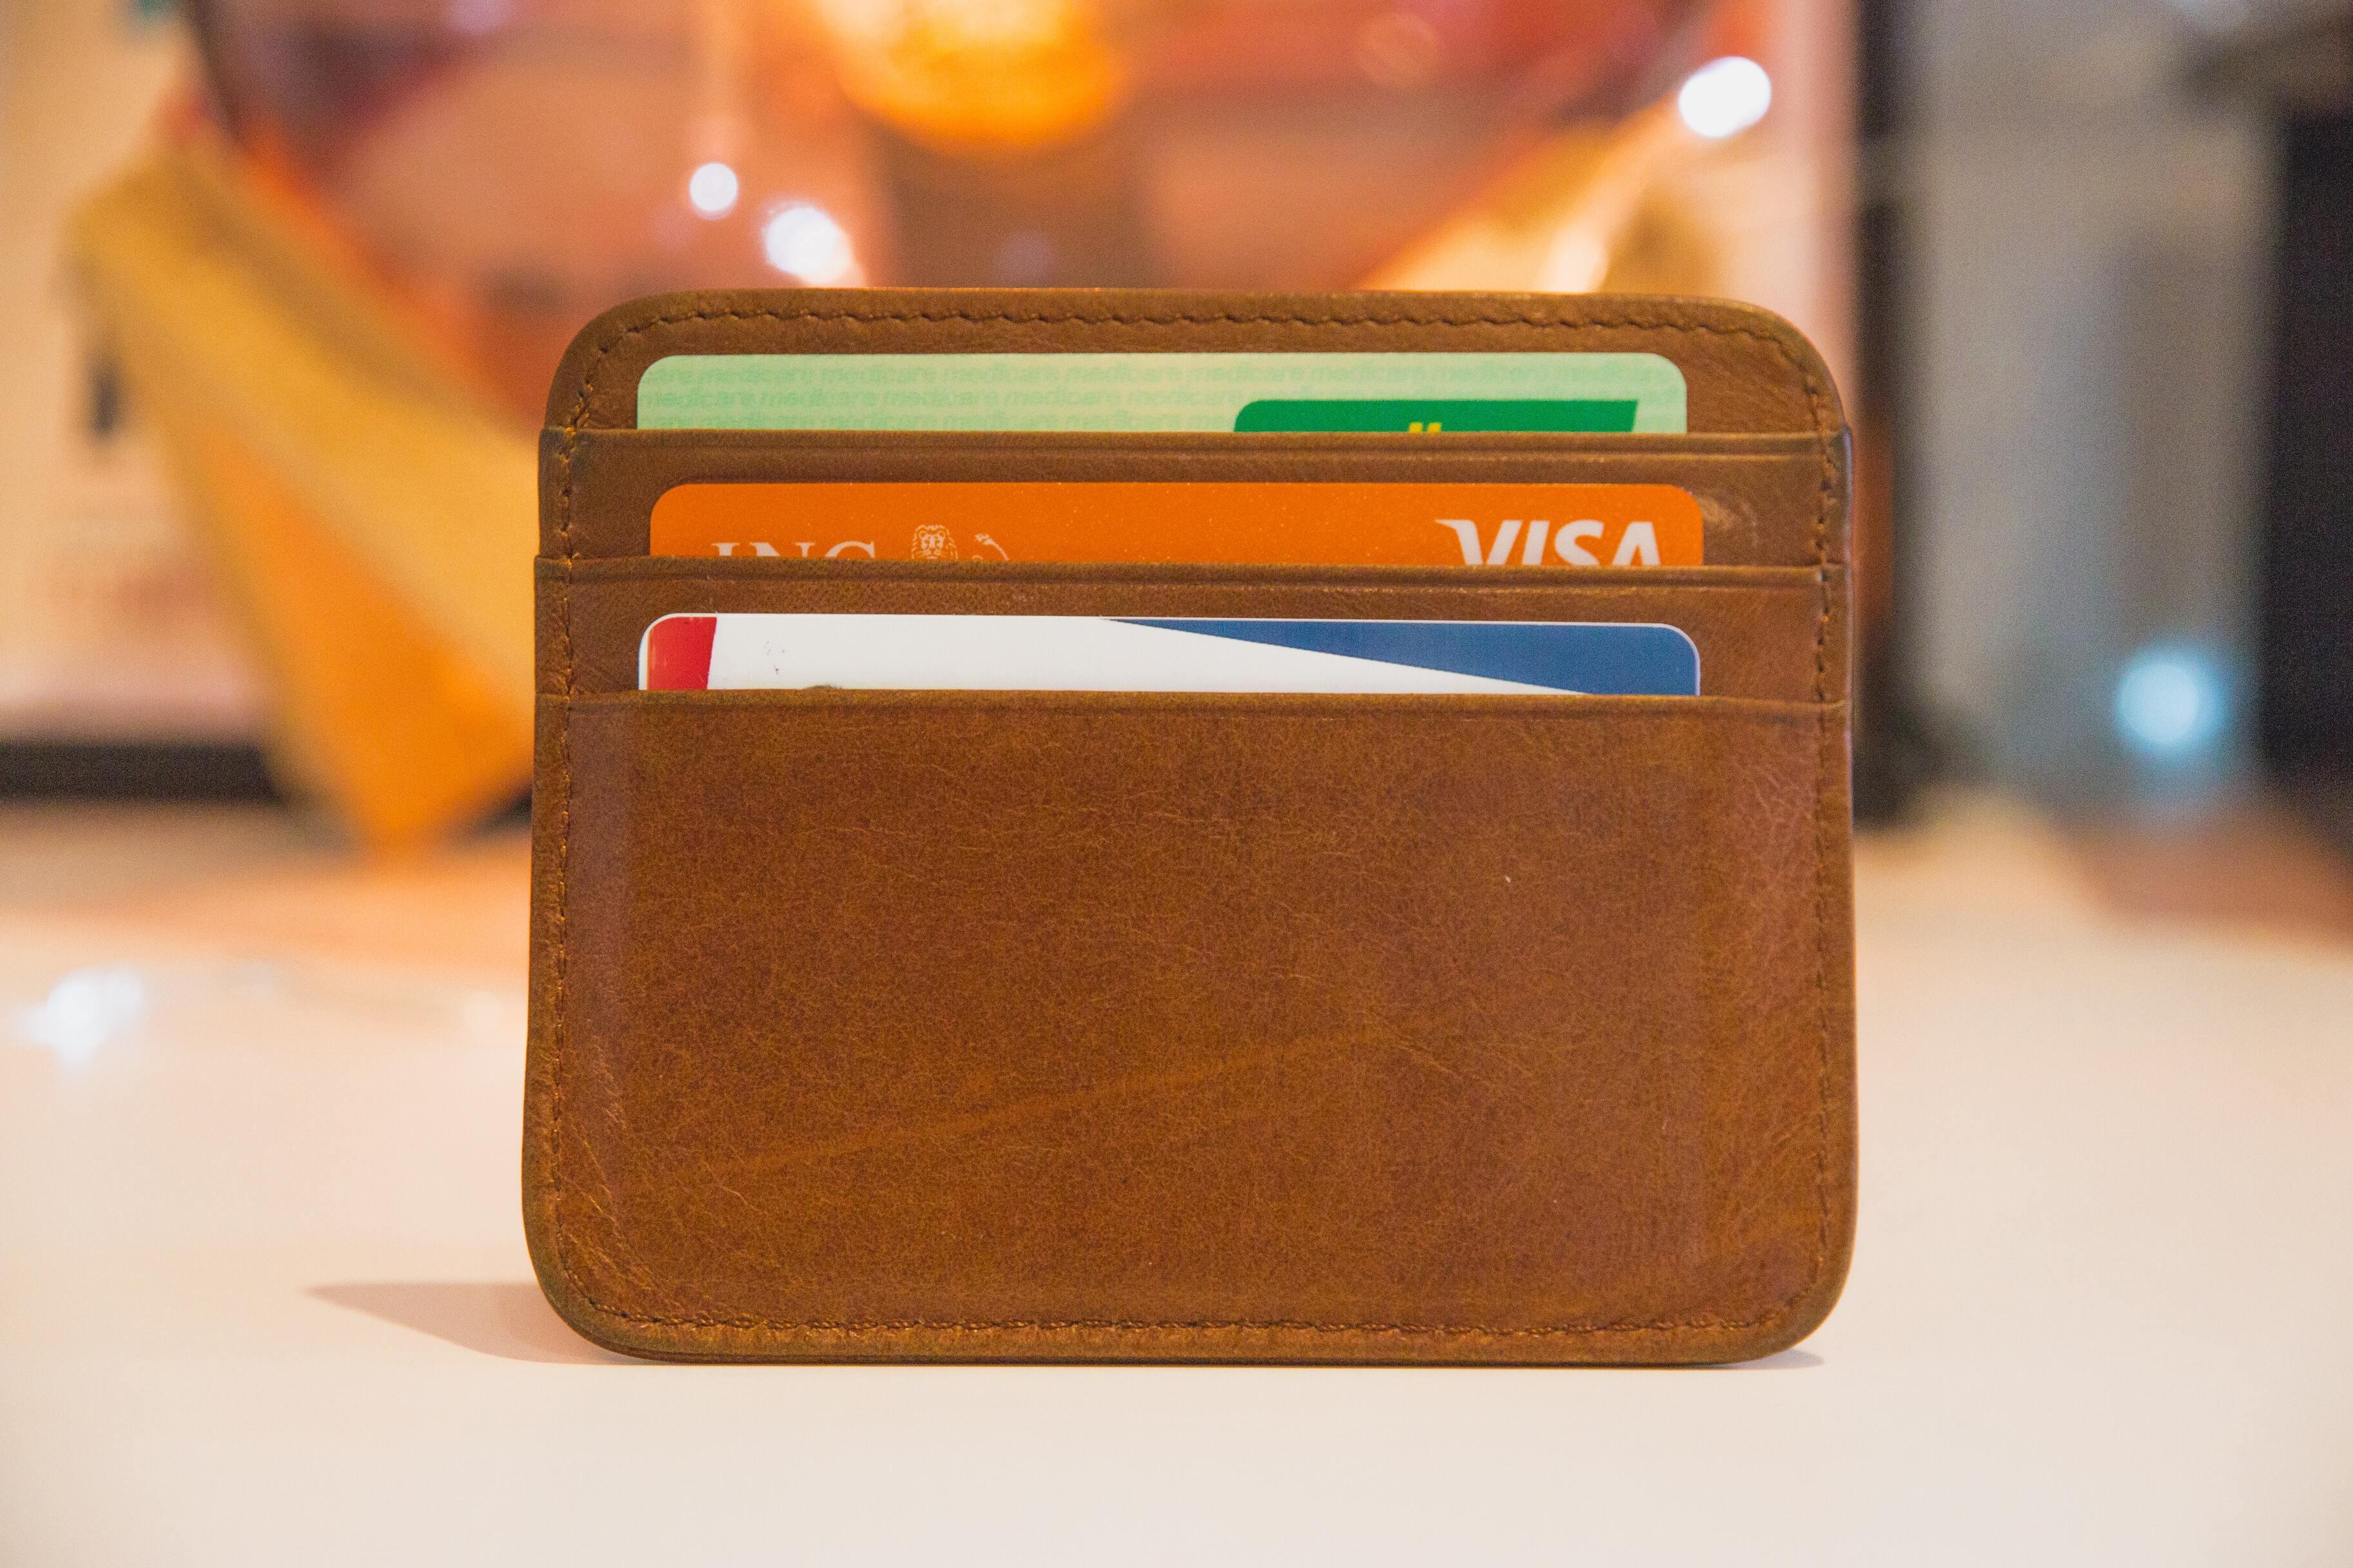 Visa провела первый перевод средств в криптовалюте